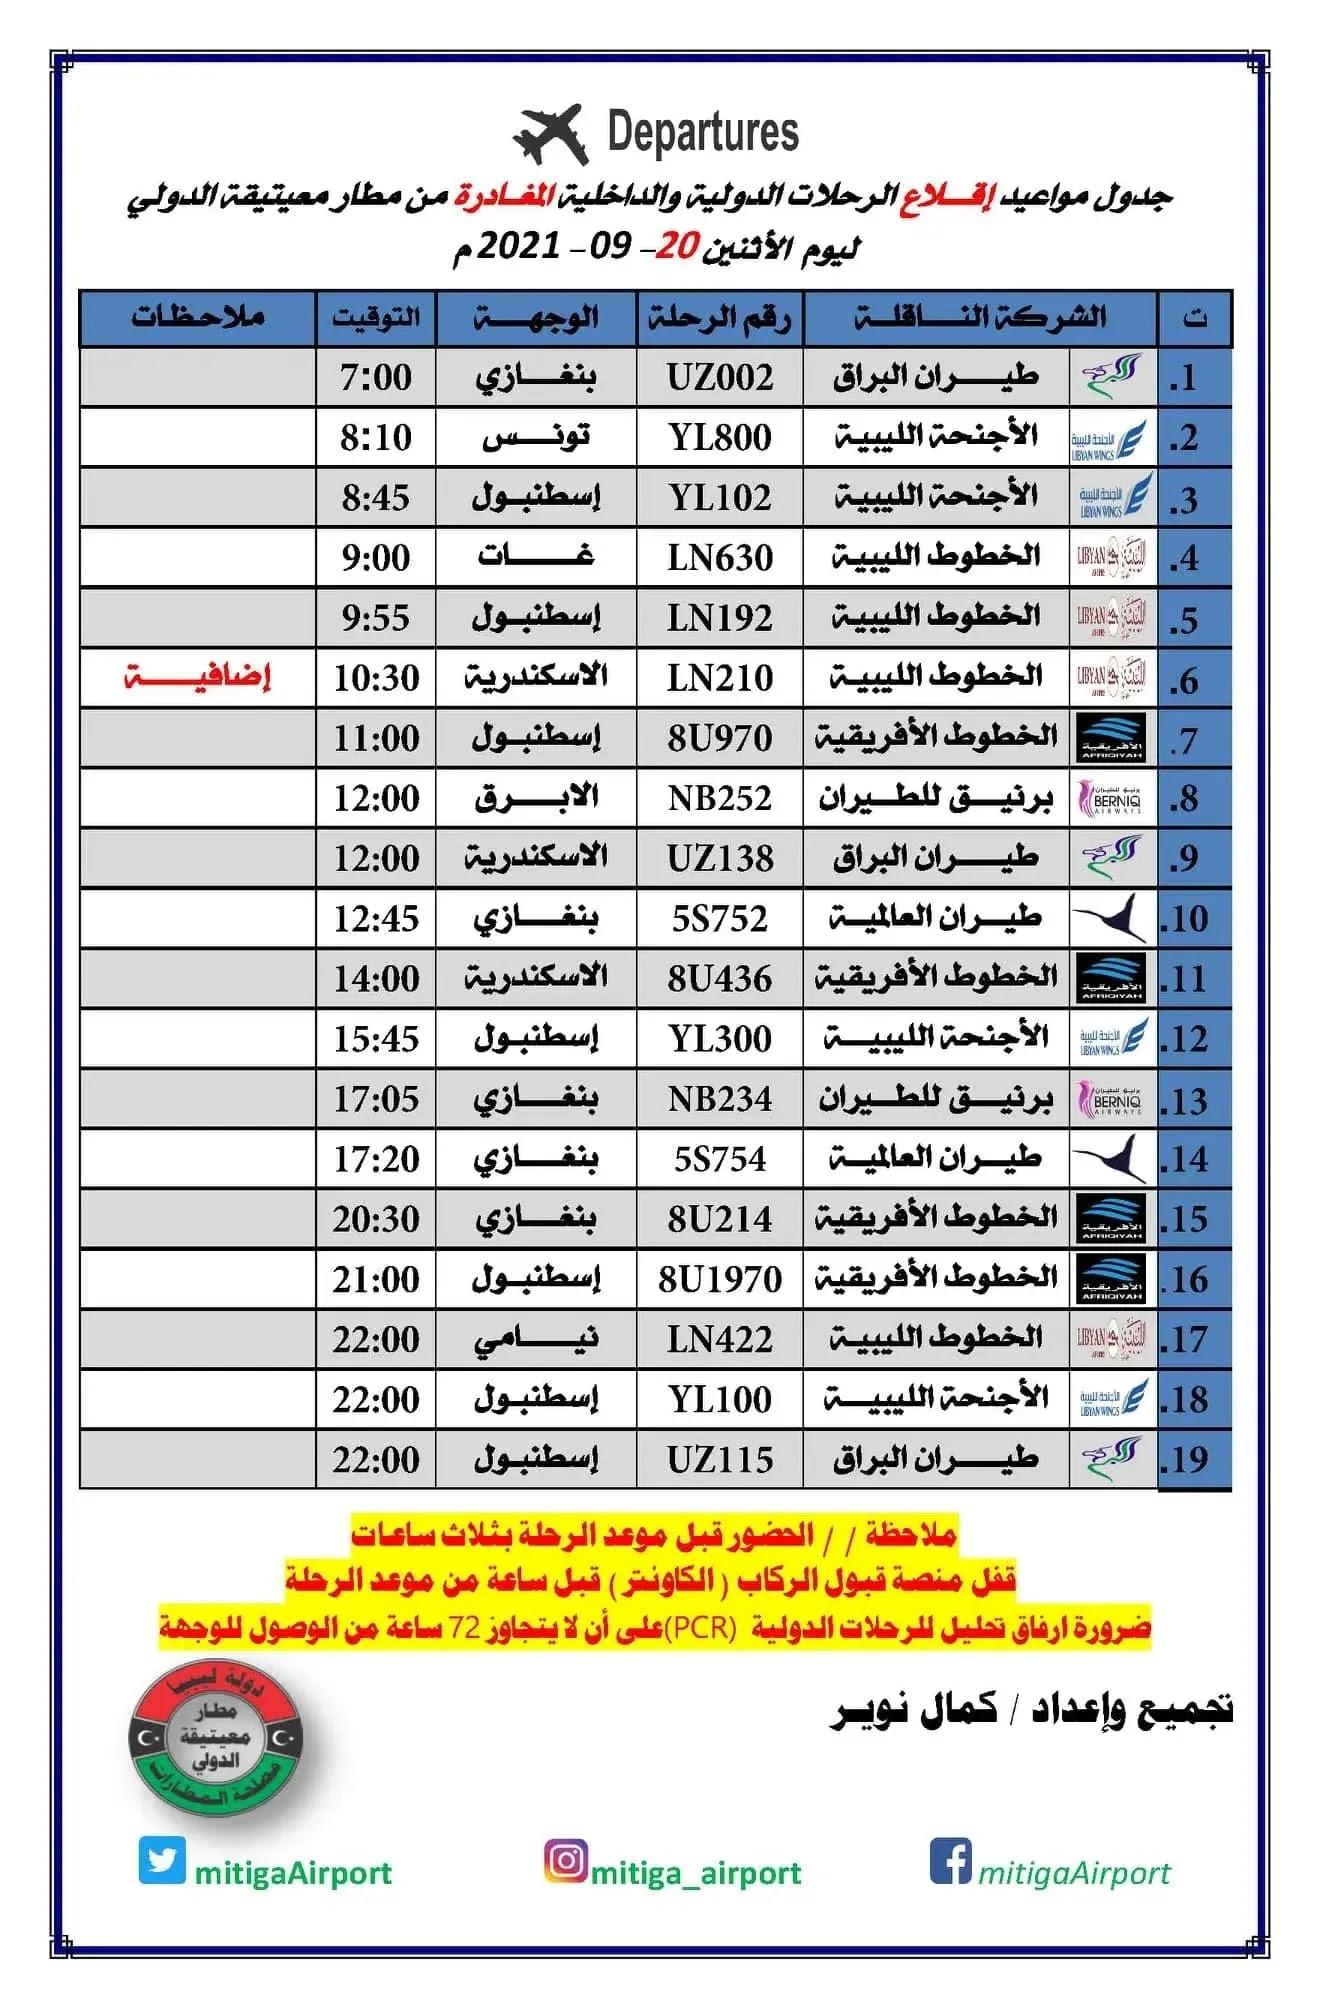 رحلات مطار معيتيقة الدولي الأثنين 20-09-2021م